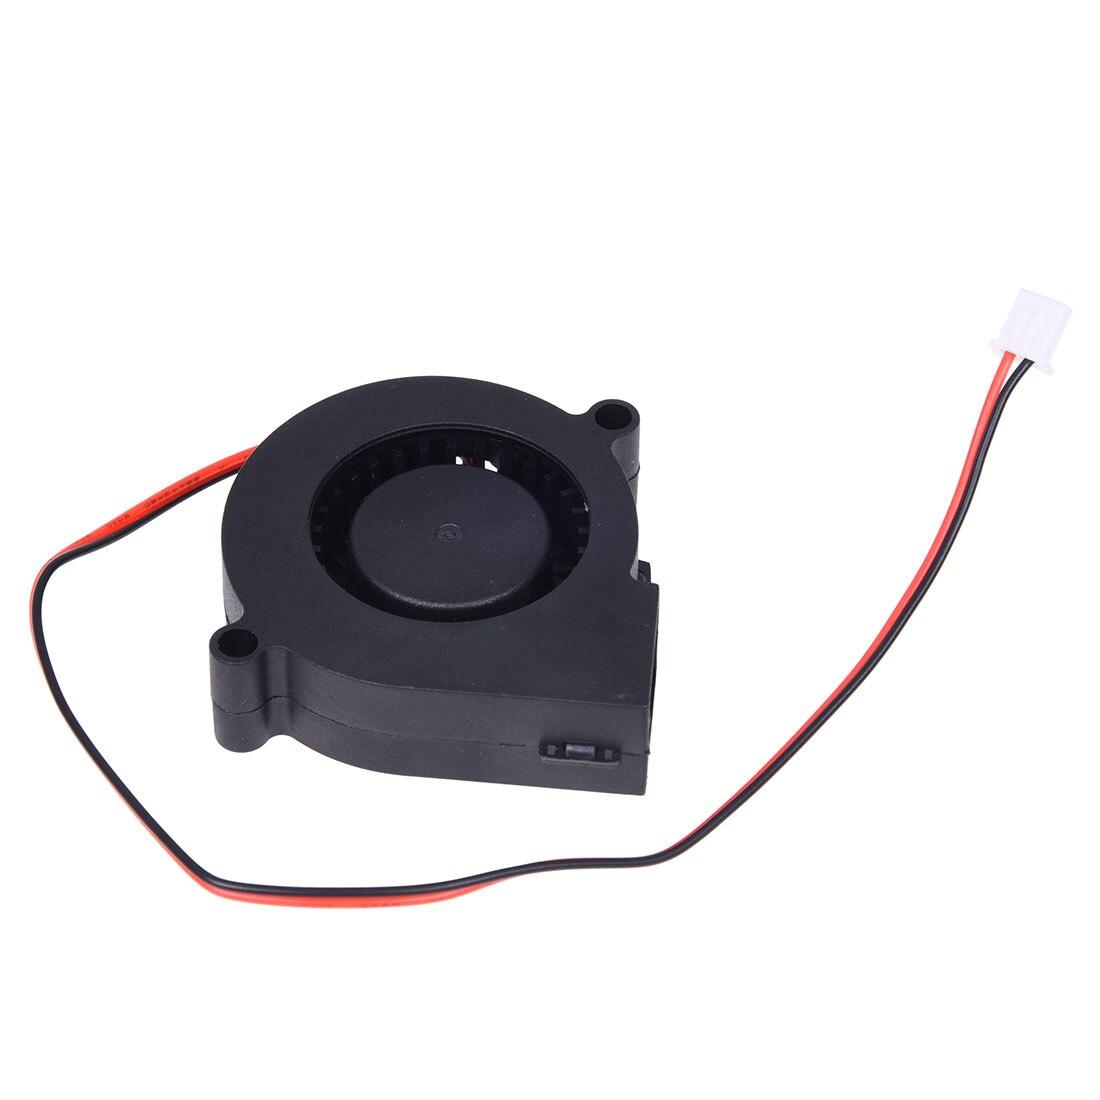 Sanq 2 Pin Stecker Bürstenlosen Dc 24 V 0.15a Turbo Gebläse Lüfter 100% Hochwertige Materialien